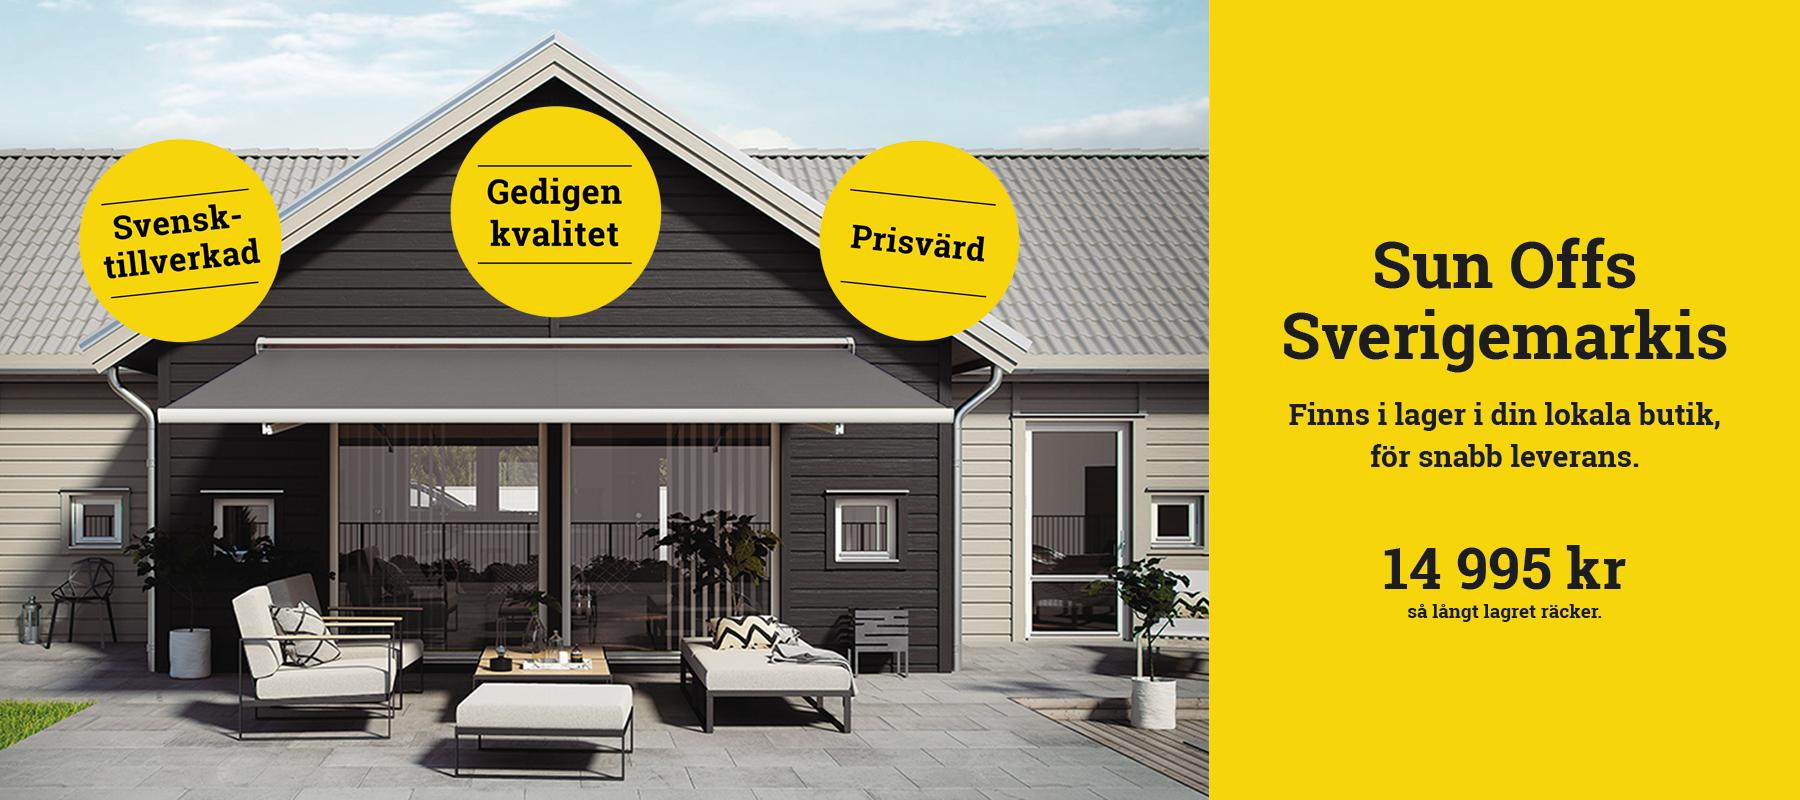 Sun Offs Sverigemarkis – ett enkelt val, alltid nära dig.